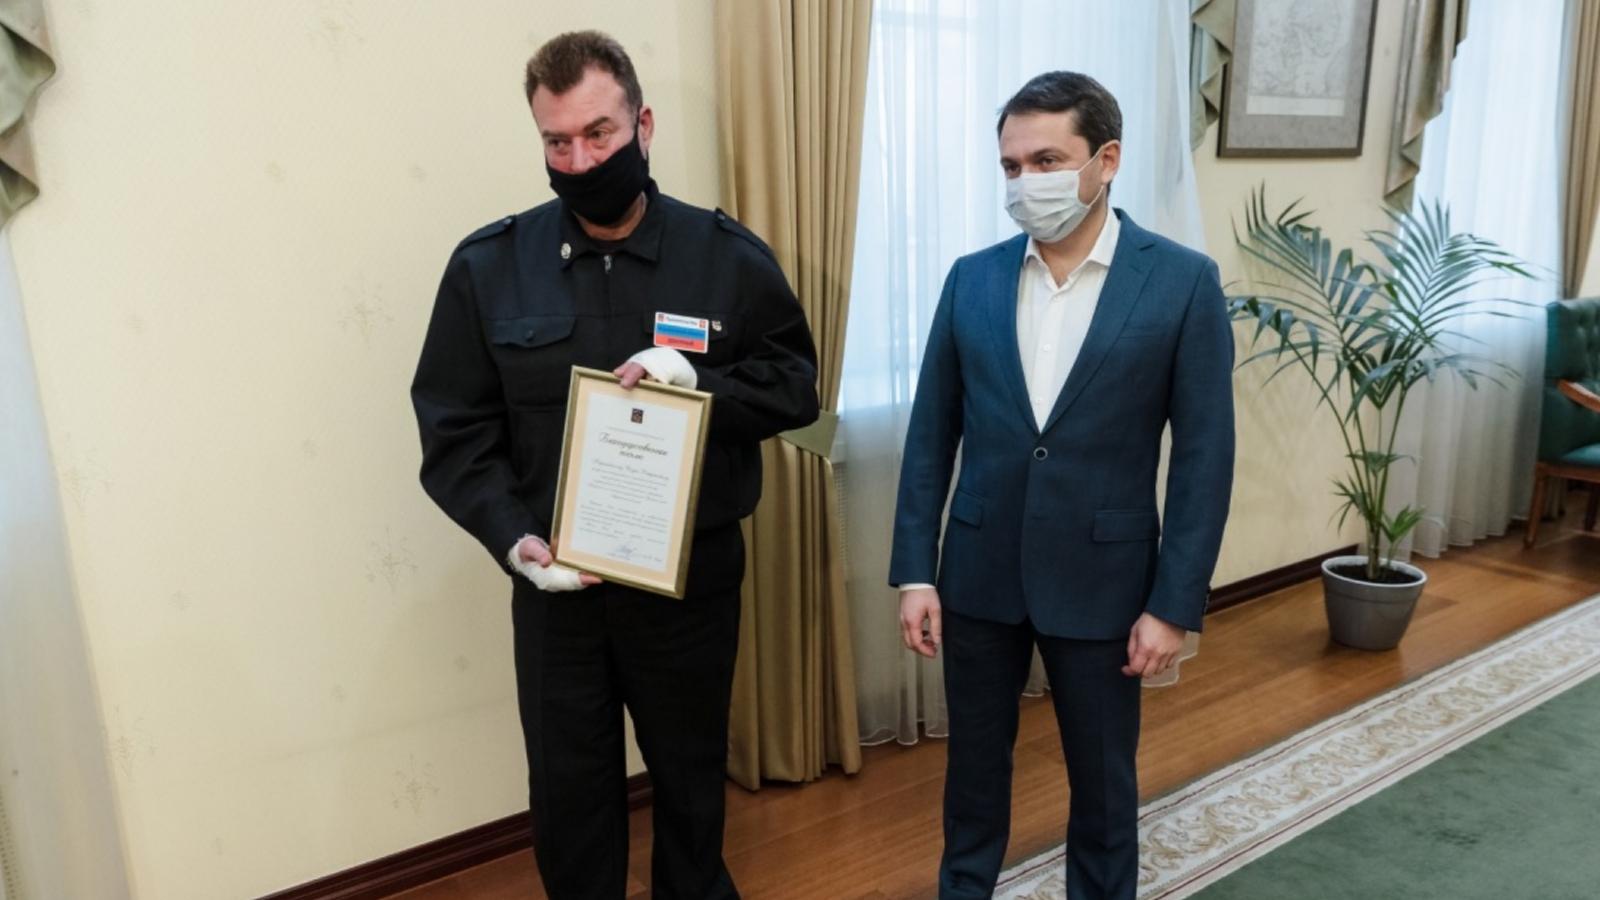 Губернатор Мурманской области отметил благодарностью деятельность охранника